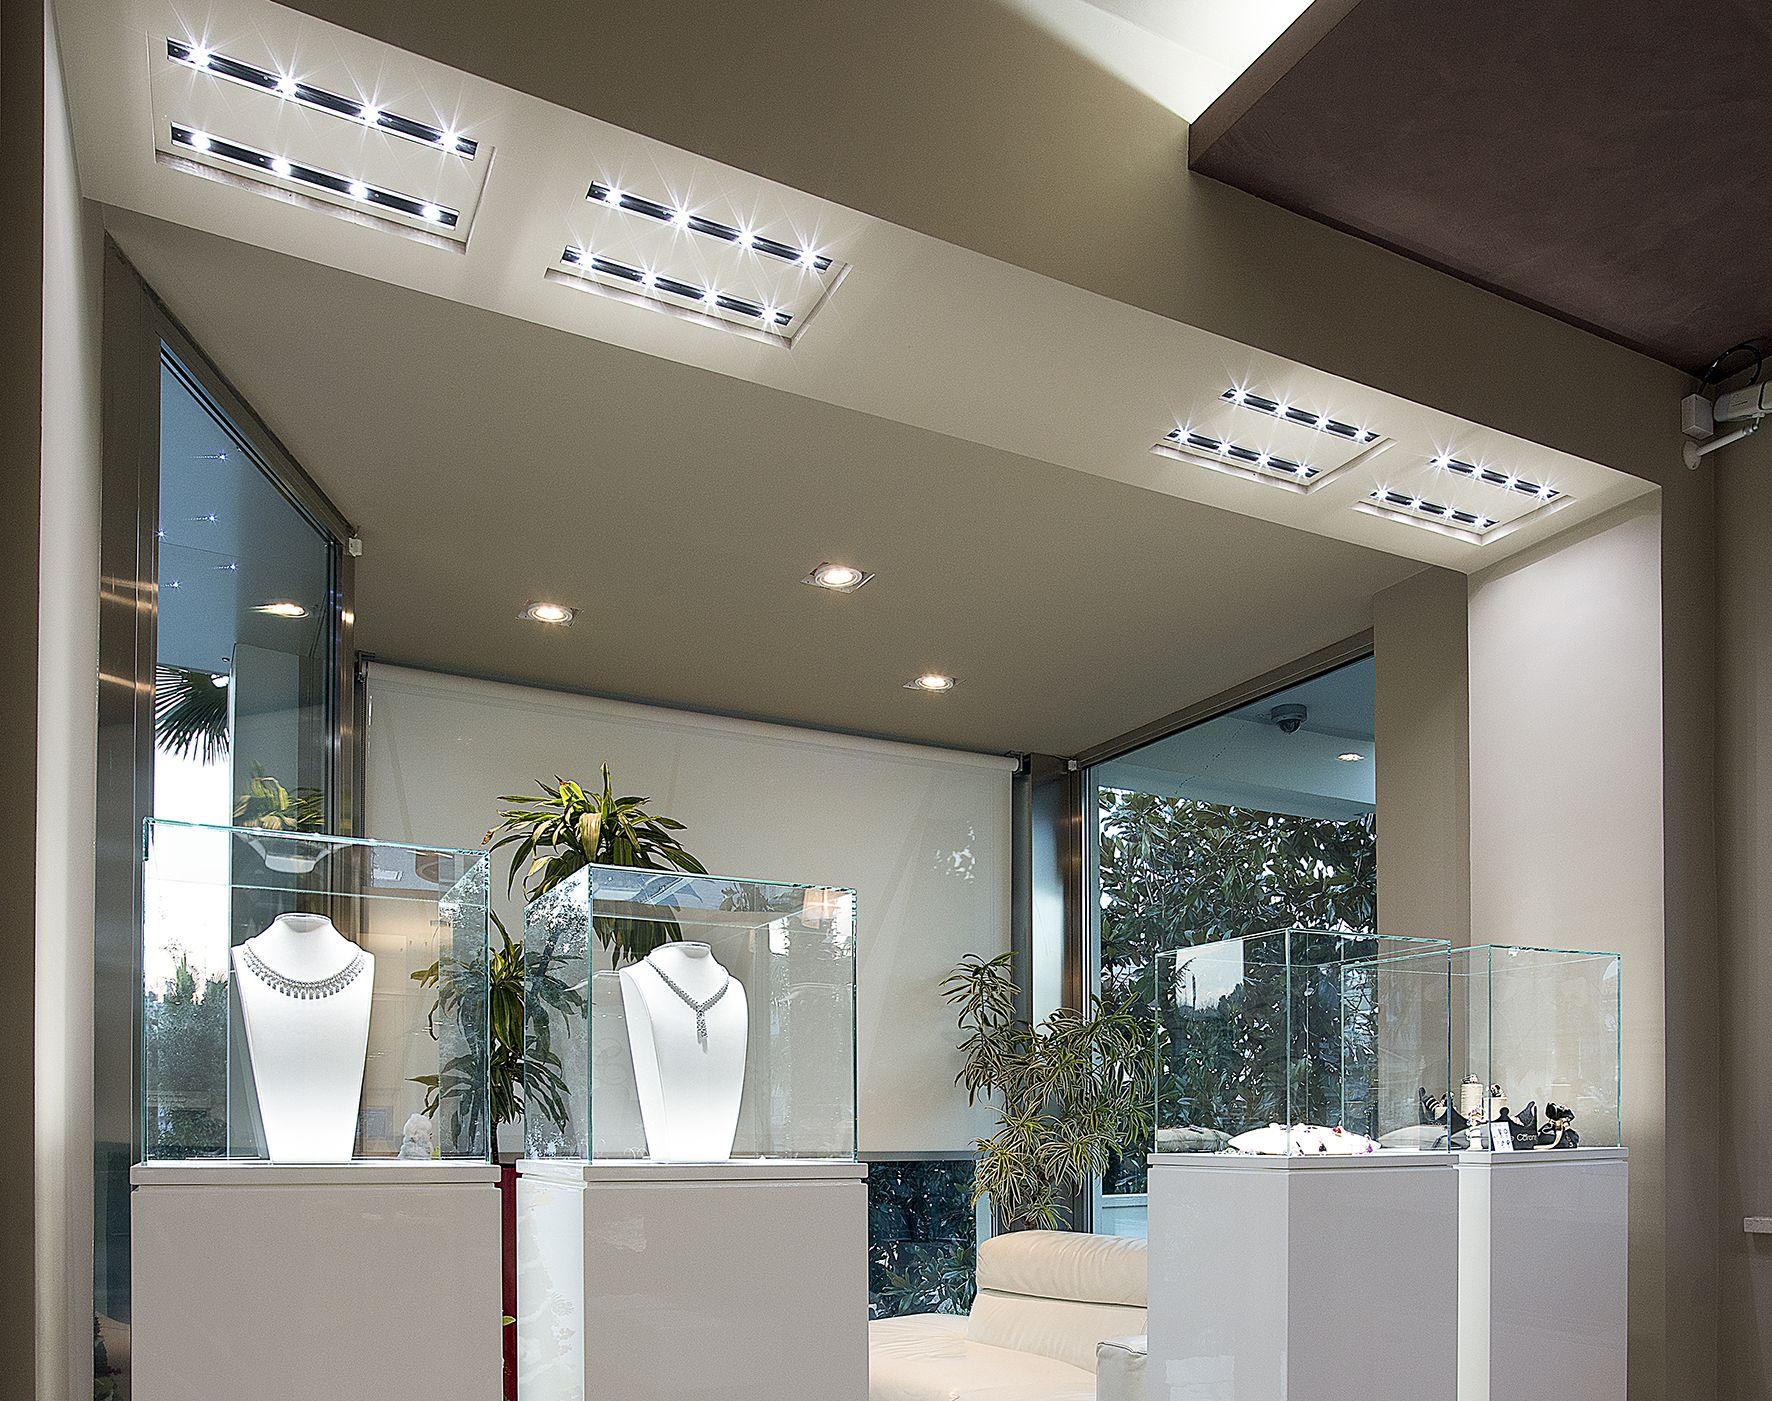 Dentro le mura presenta i sistemi di illuminazione a led per